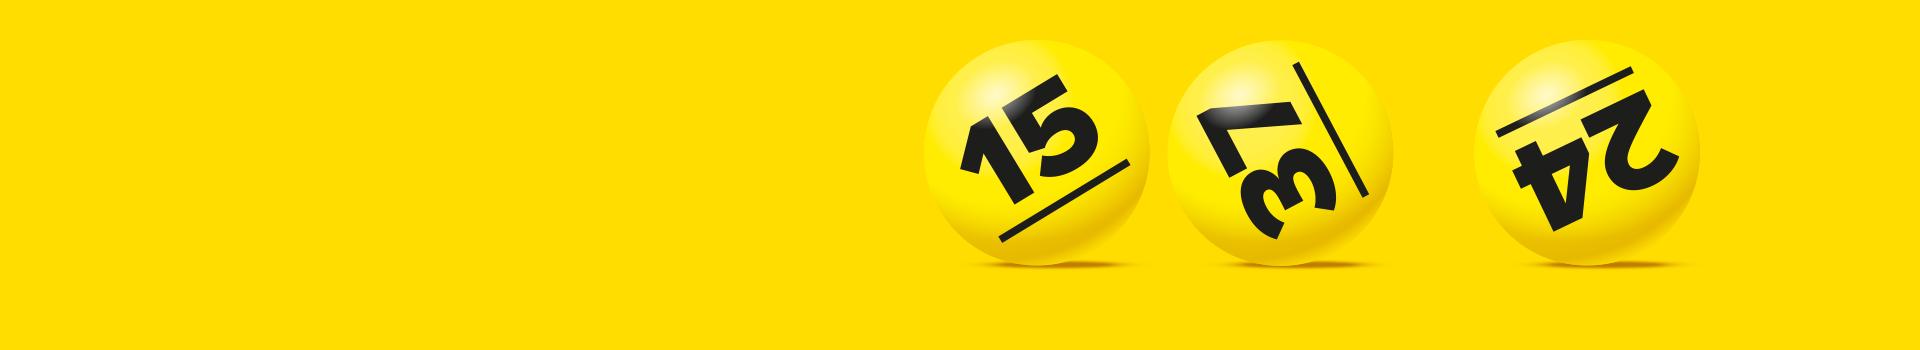 Lotto app - Download nu de app